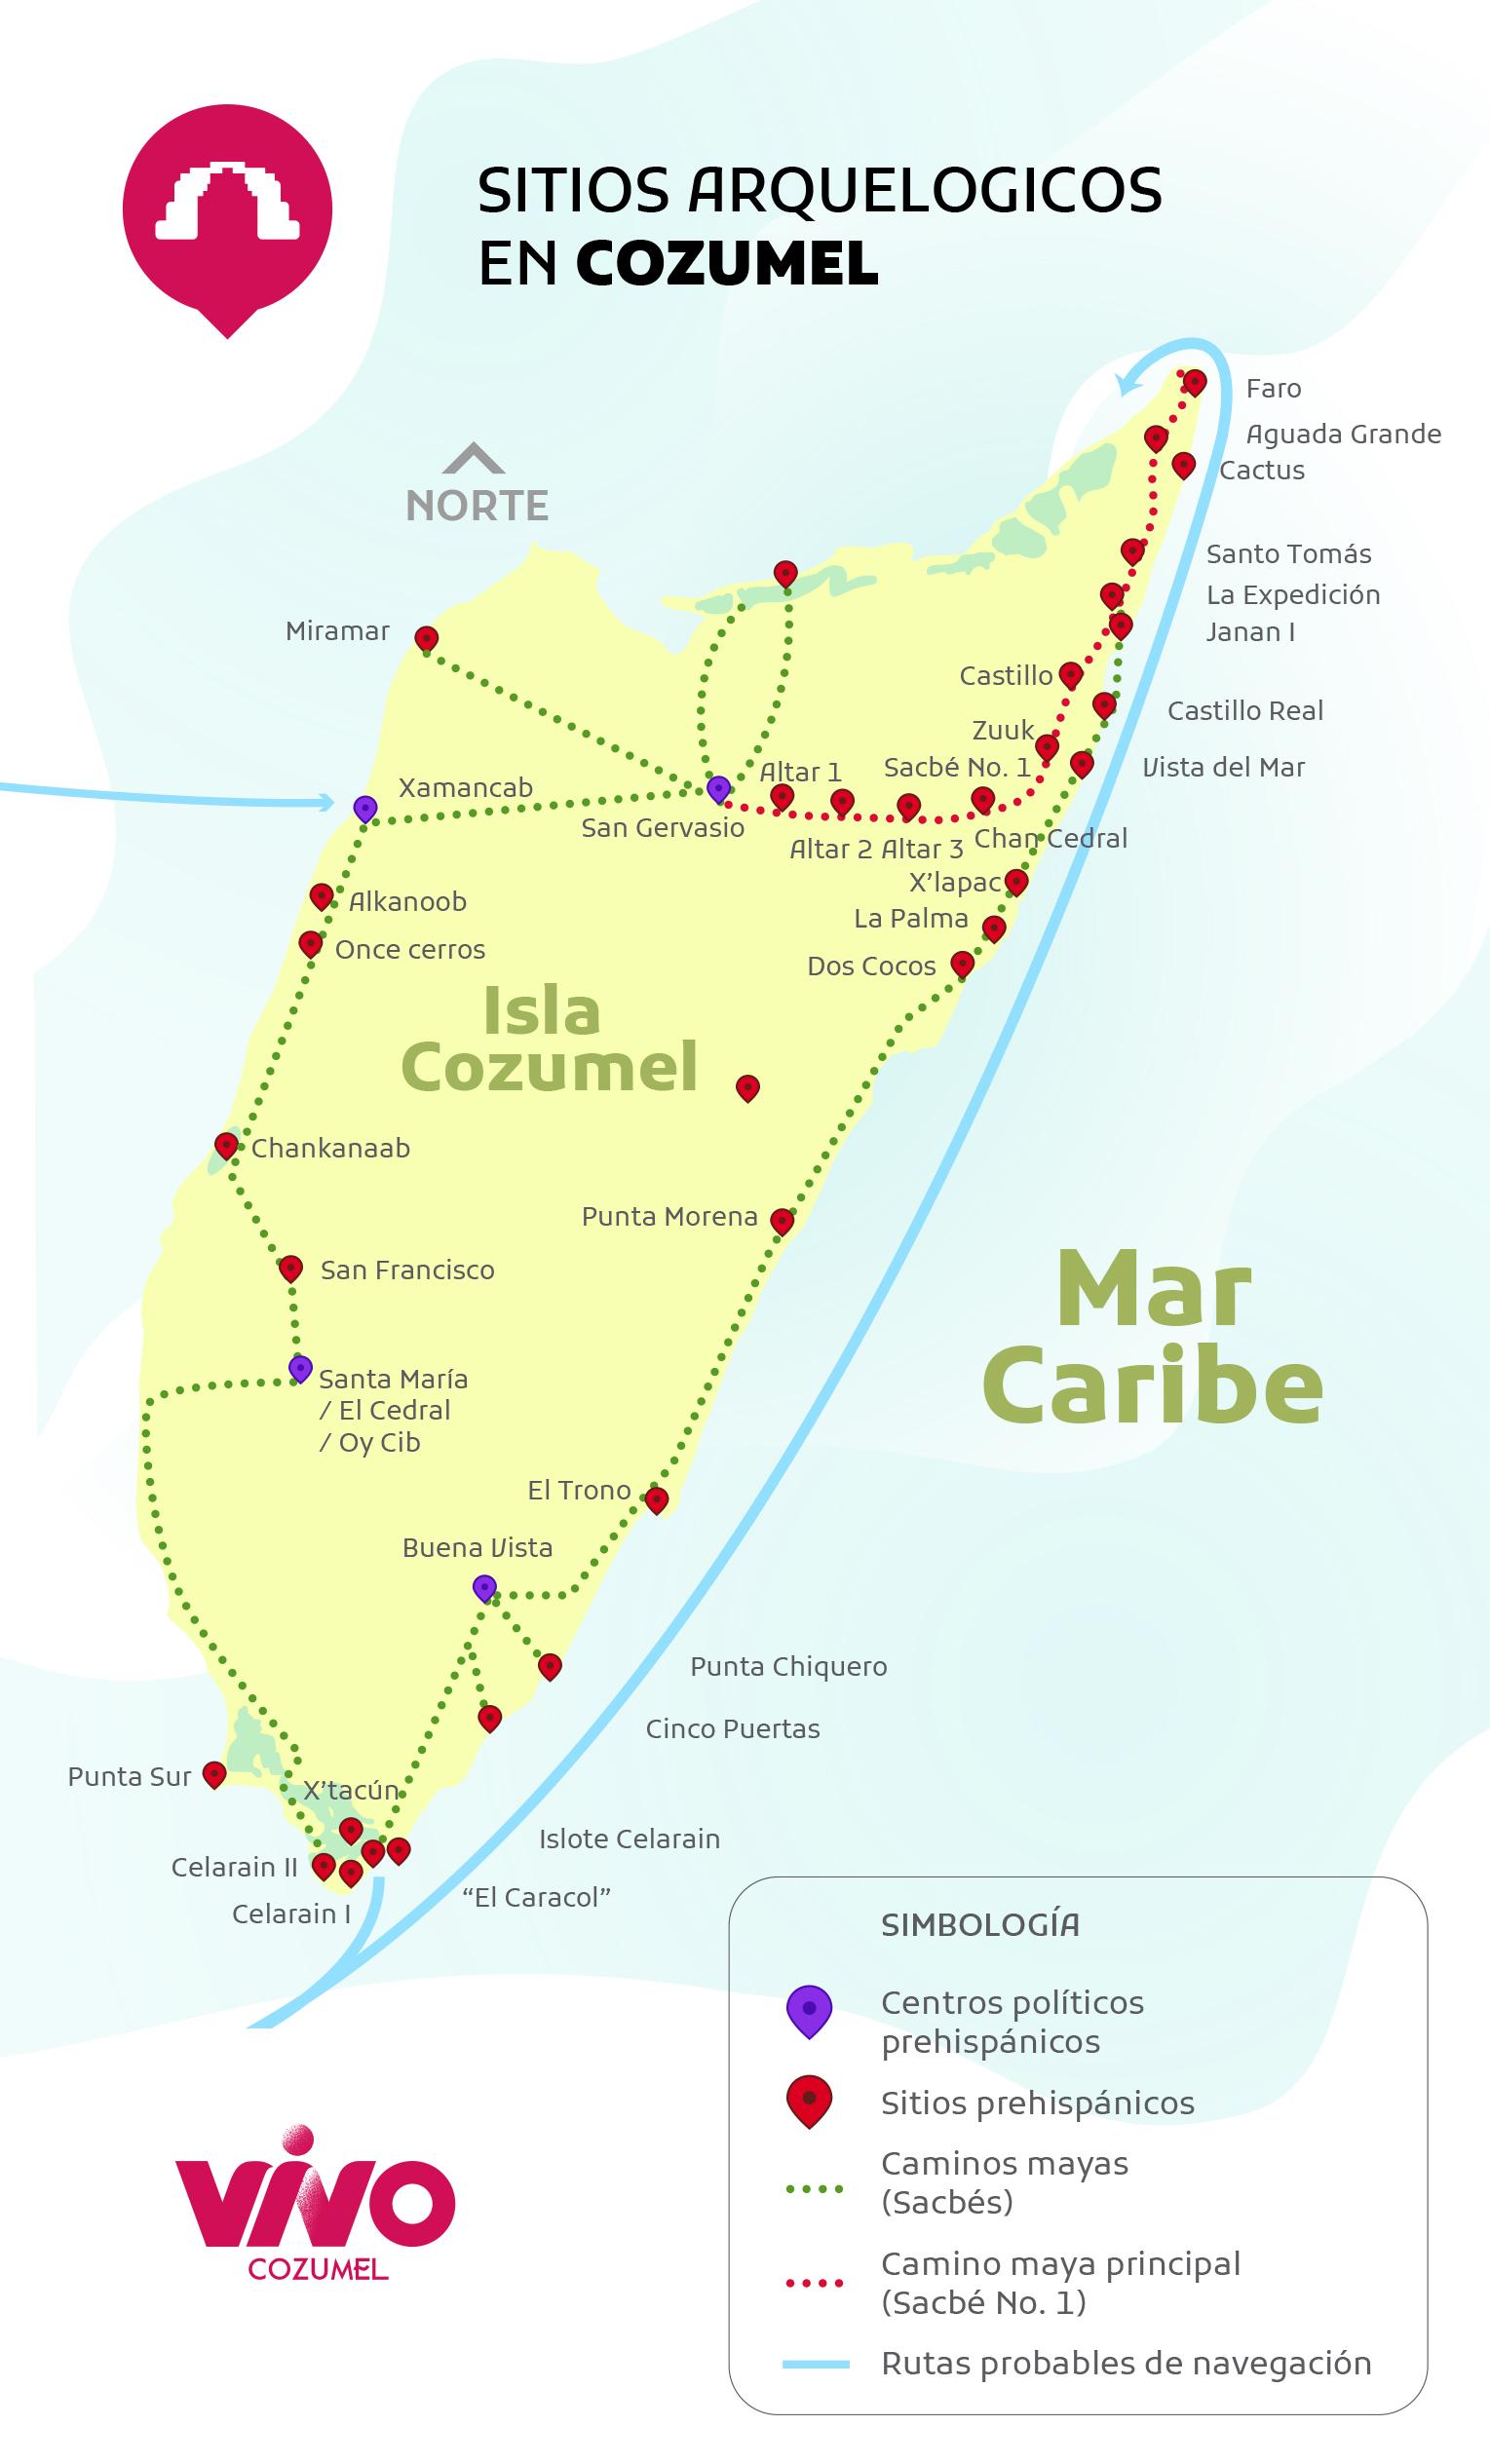 mapa sitios arqueologicos en cozumel